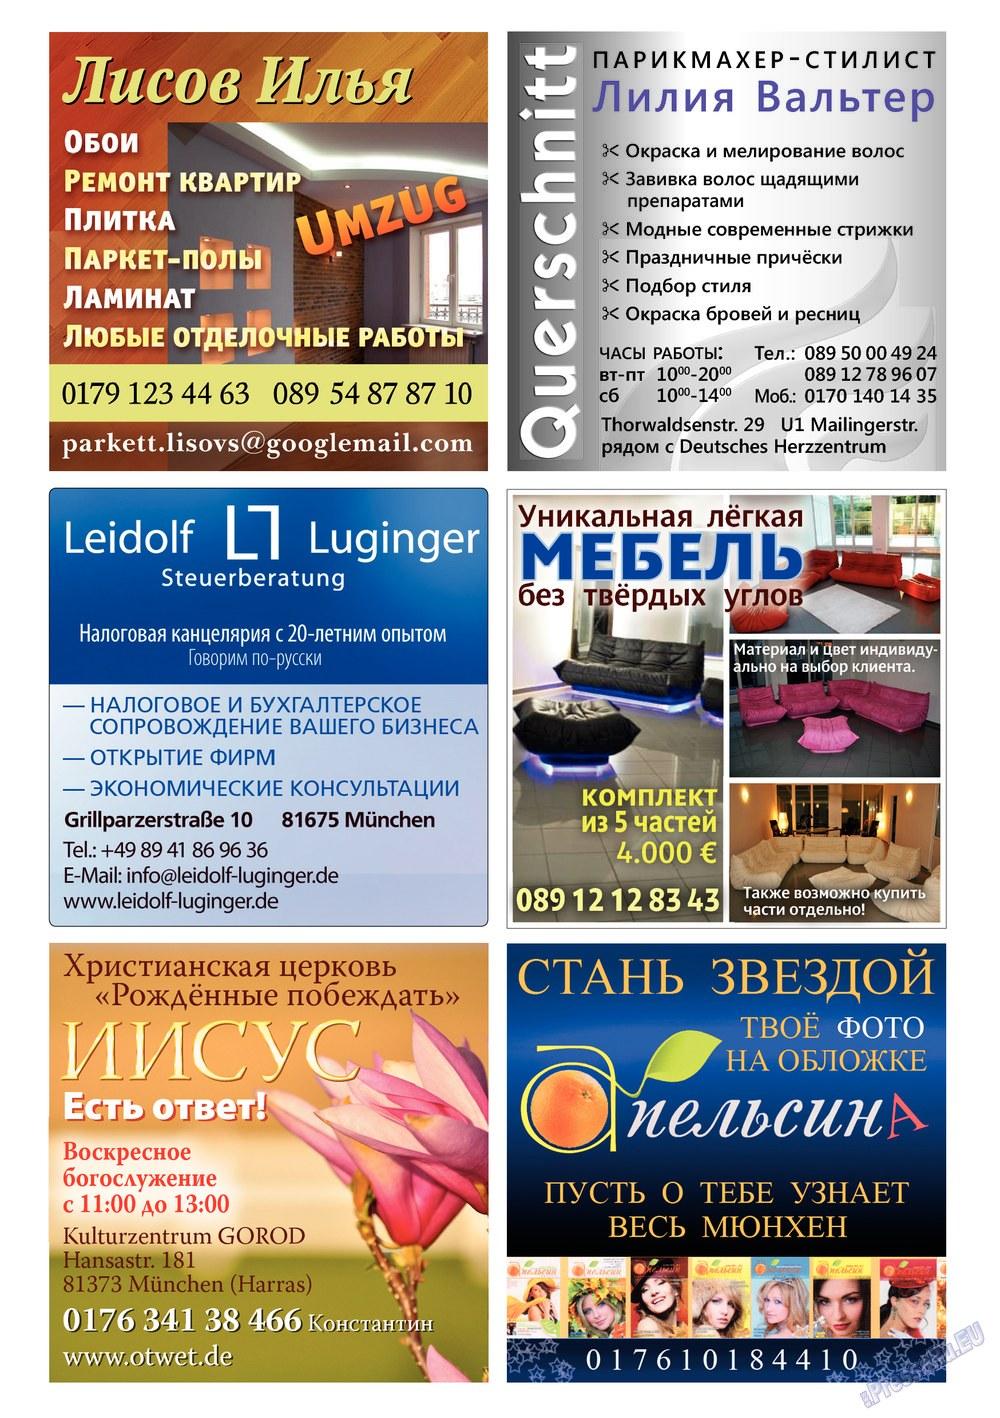 Апельсин (журнал). 2013 год, номер 46, стр. 15